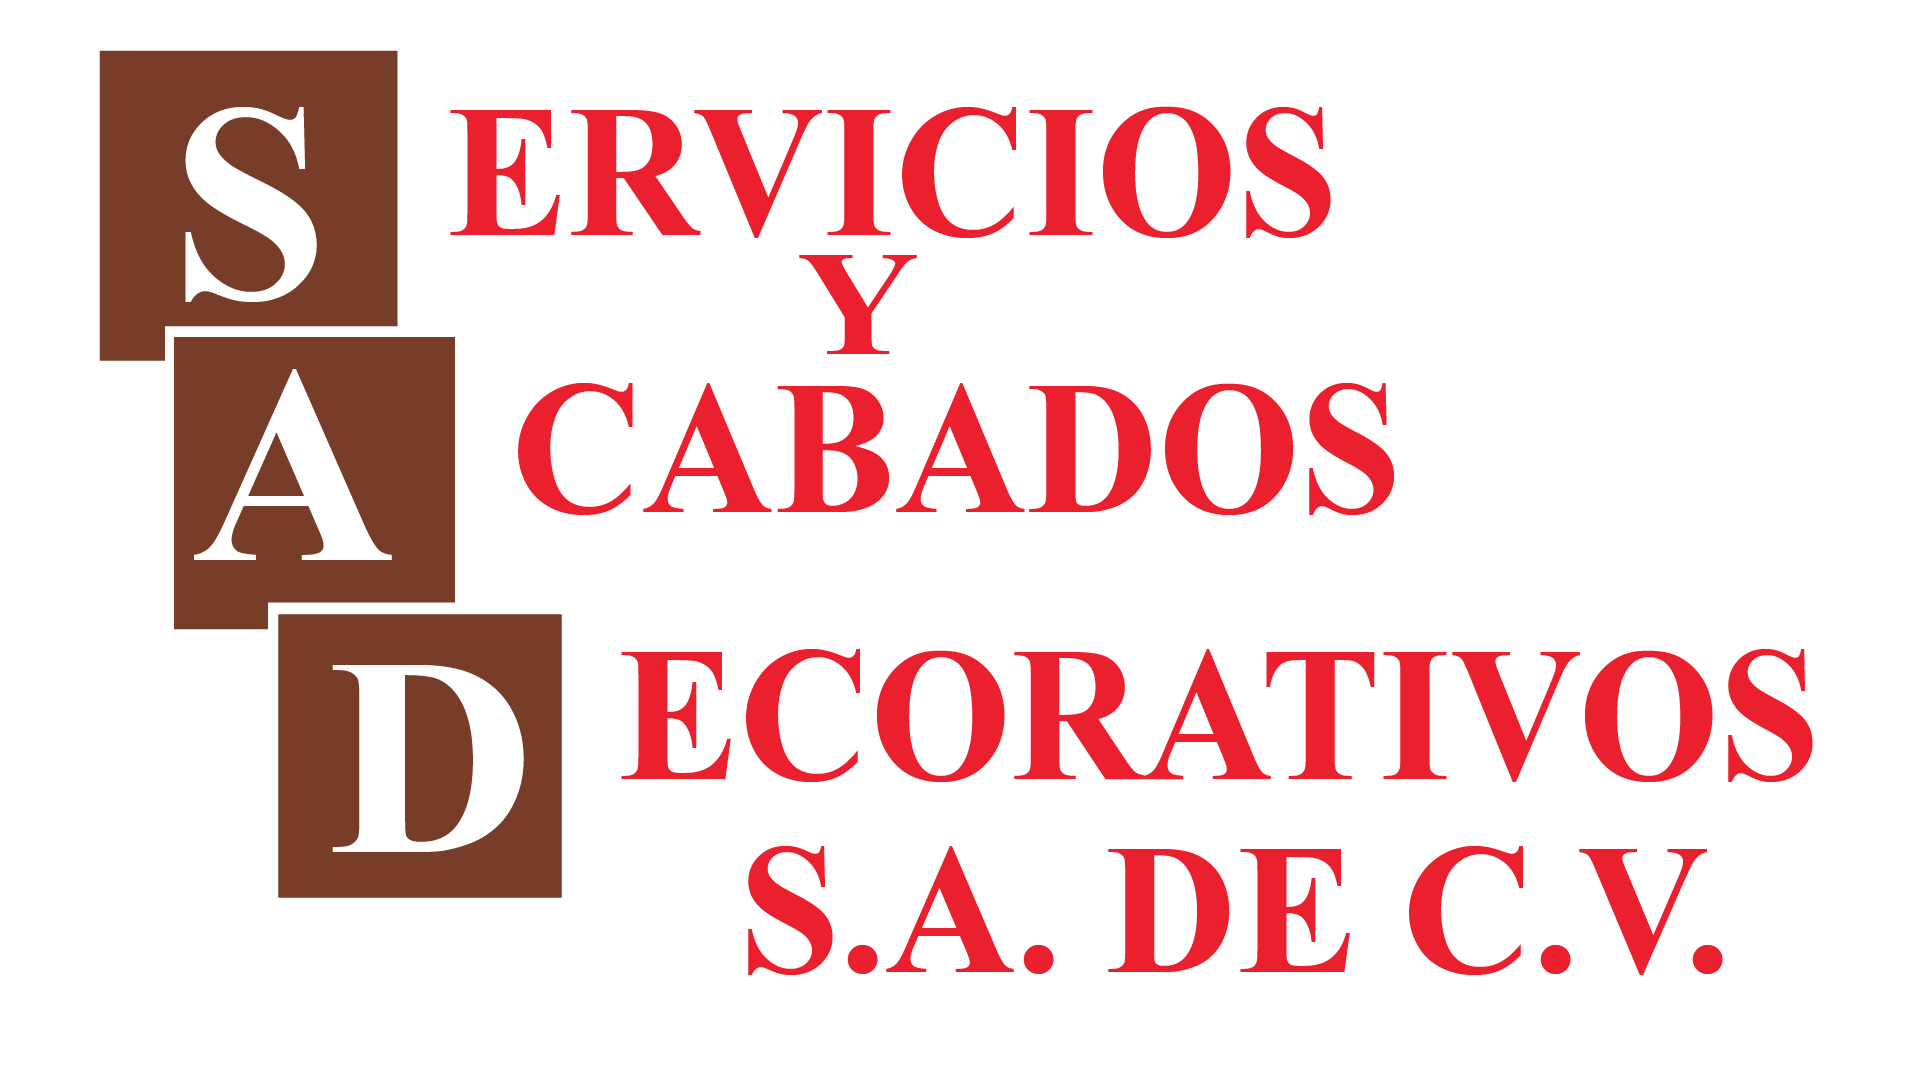 Servicios y Acabados Decorativos